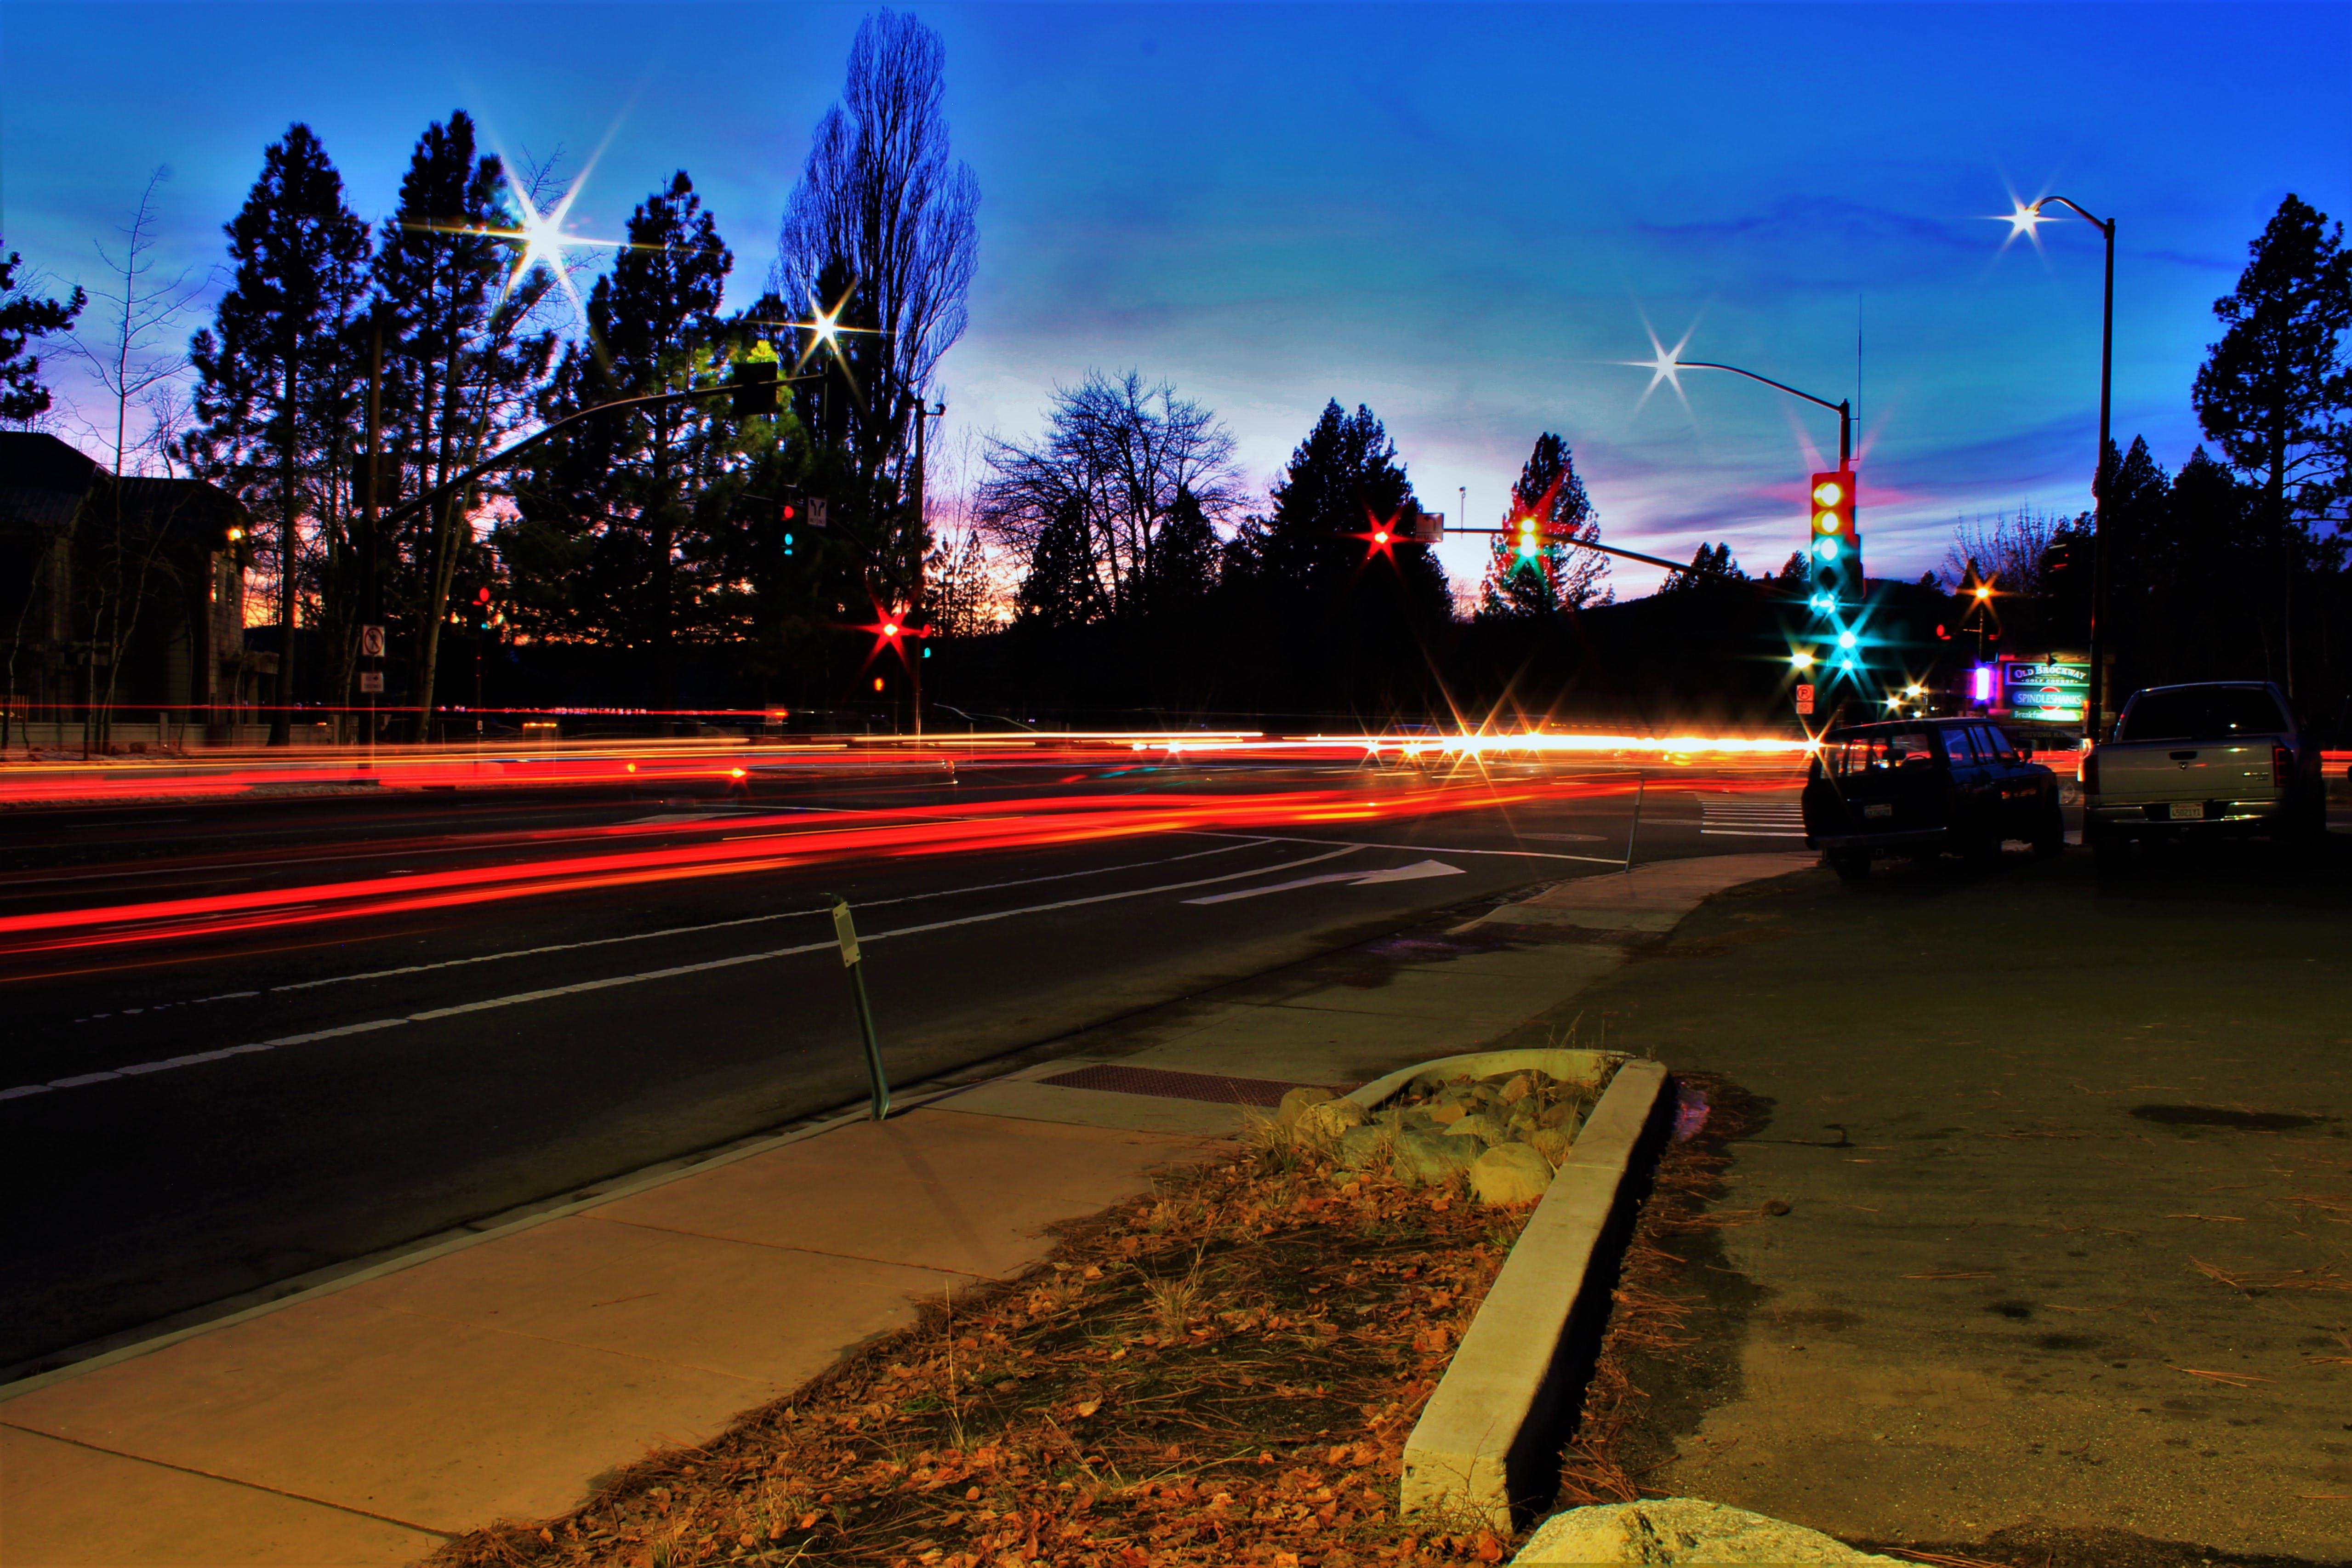 乗り物, 信号機, 光の線, 夜明けの無料の写真素材